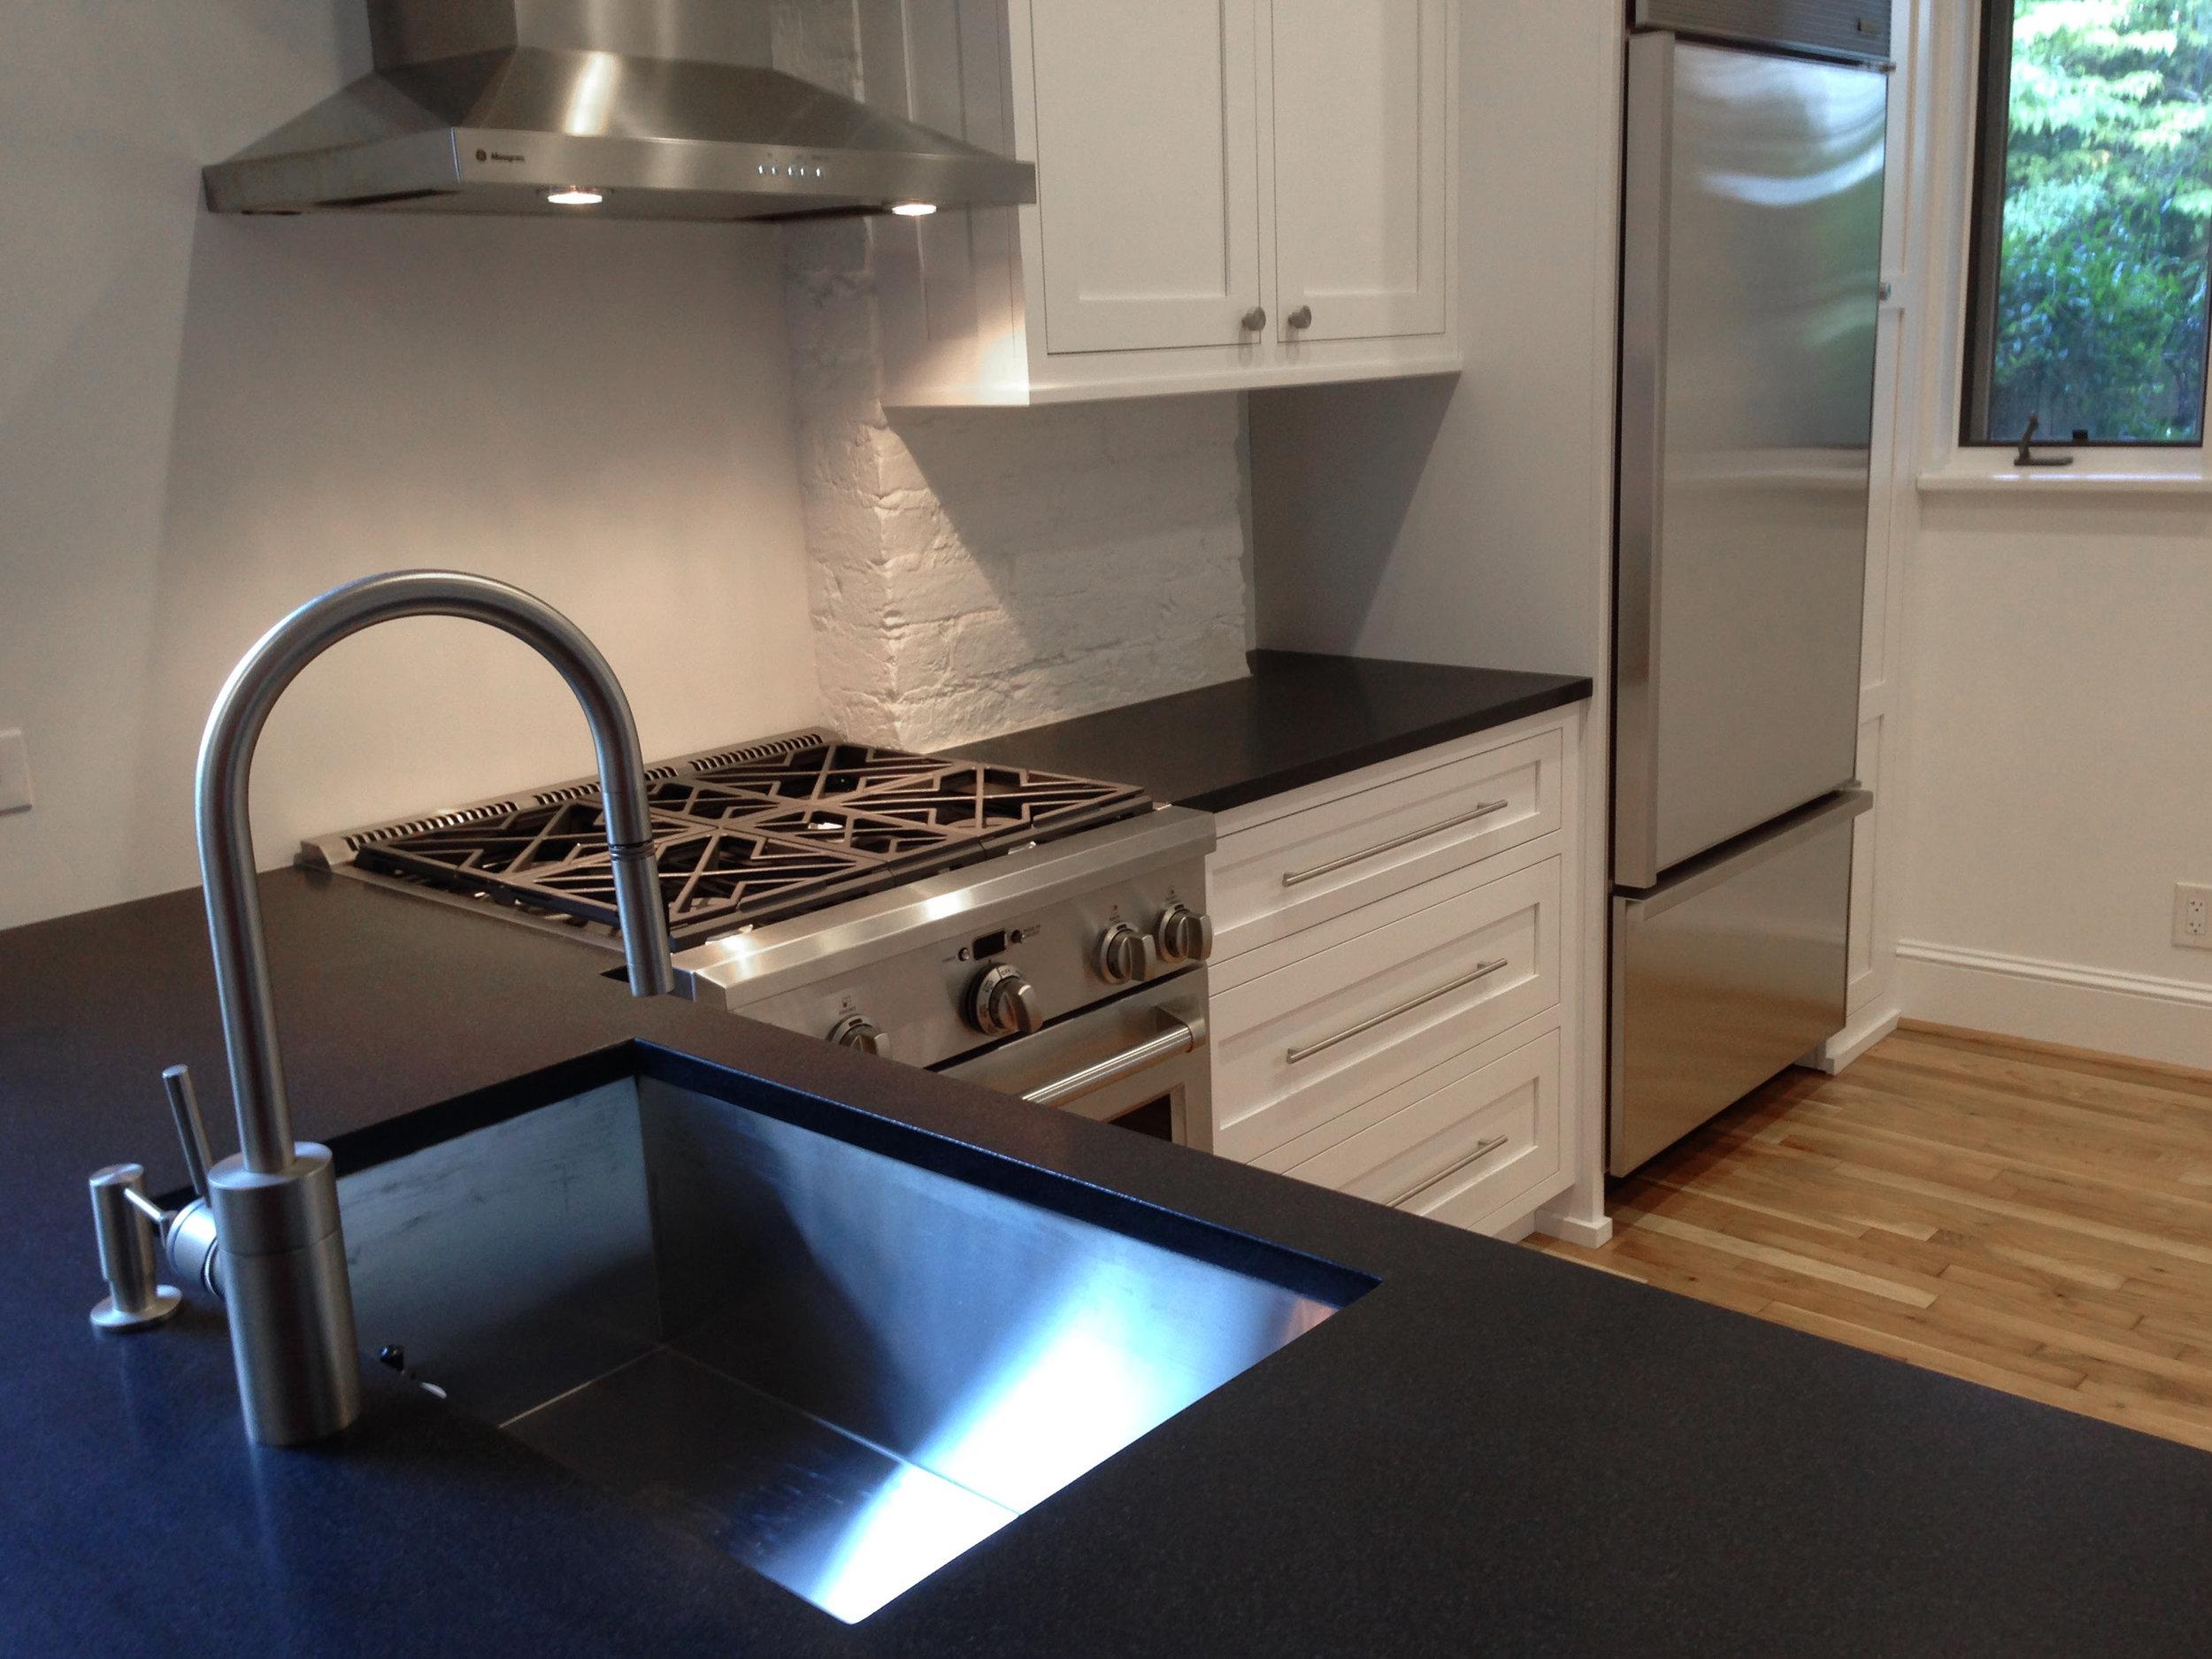 Headley_kitchen2.jpg